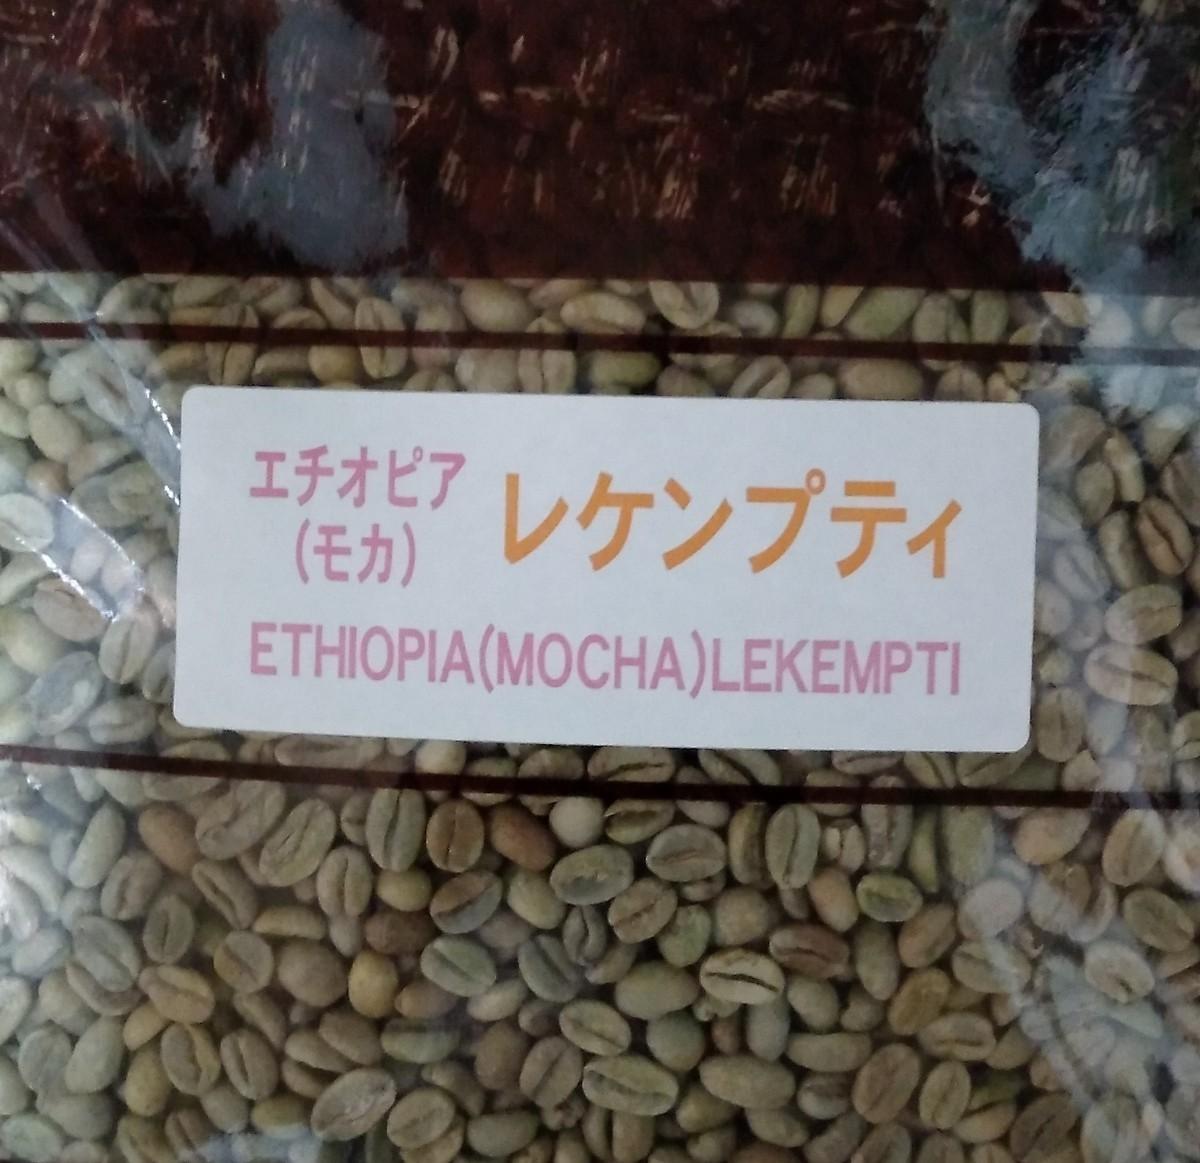 コーヒー豆 エチオピア モカ レケンプティ G-4 800g 焙煎用生豆